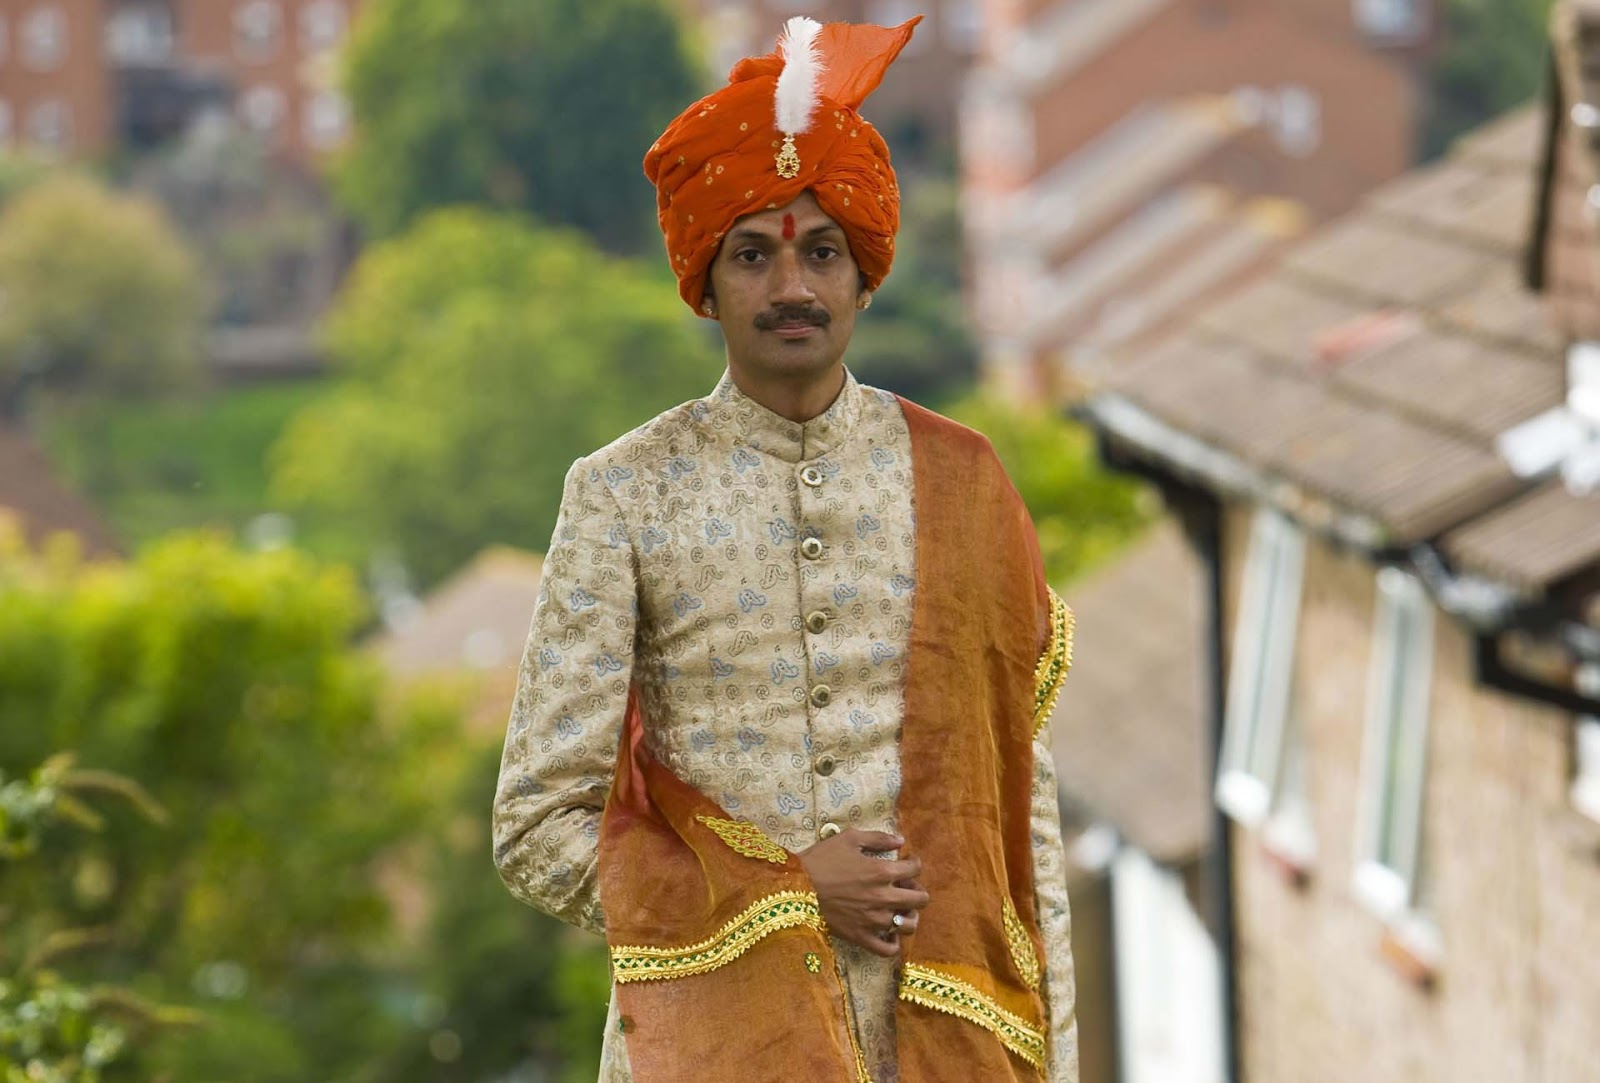 Príncipe gay indiano vai acolher pessoas LGBT em seu palácio